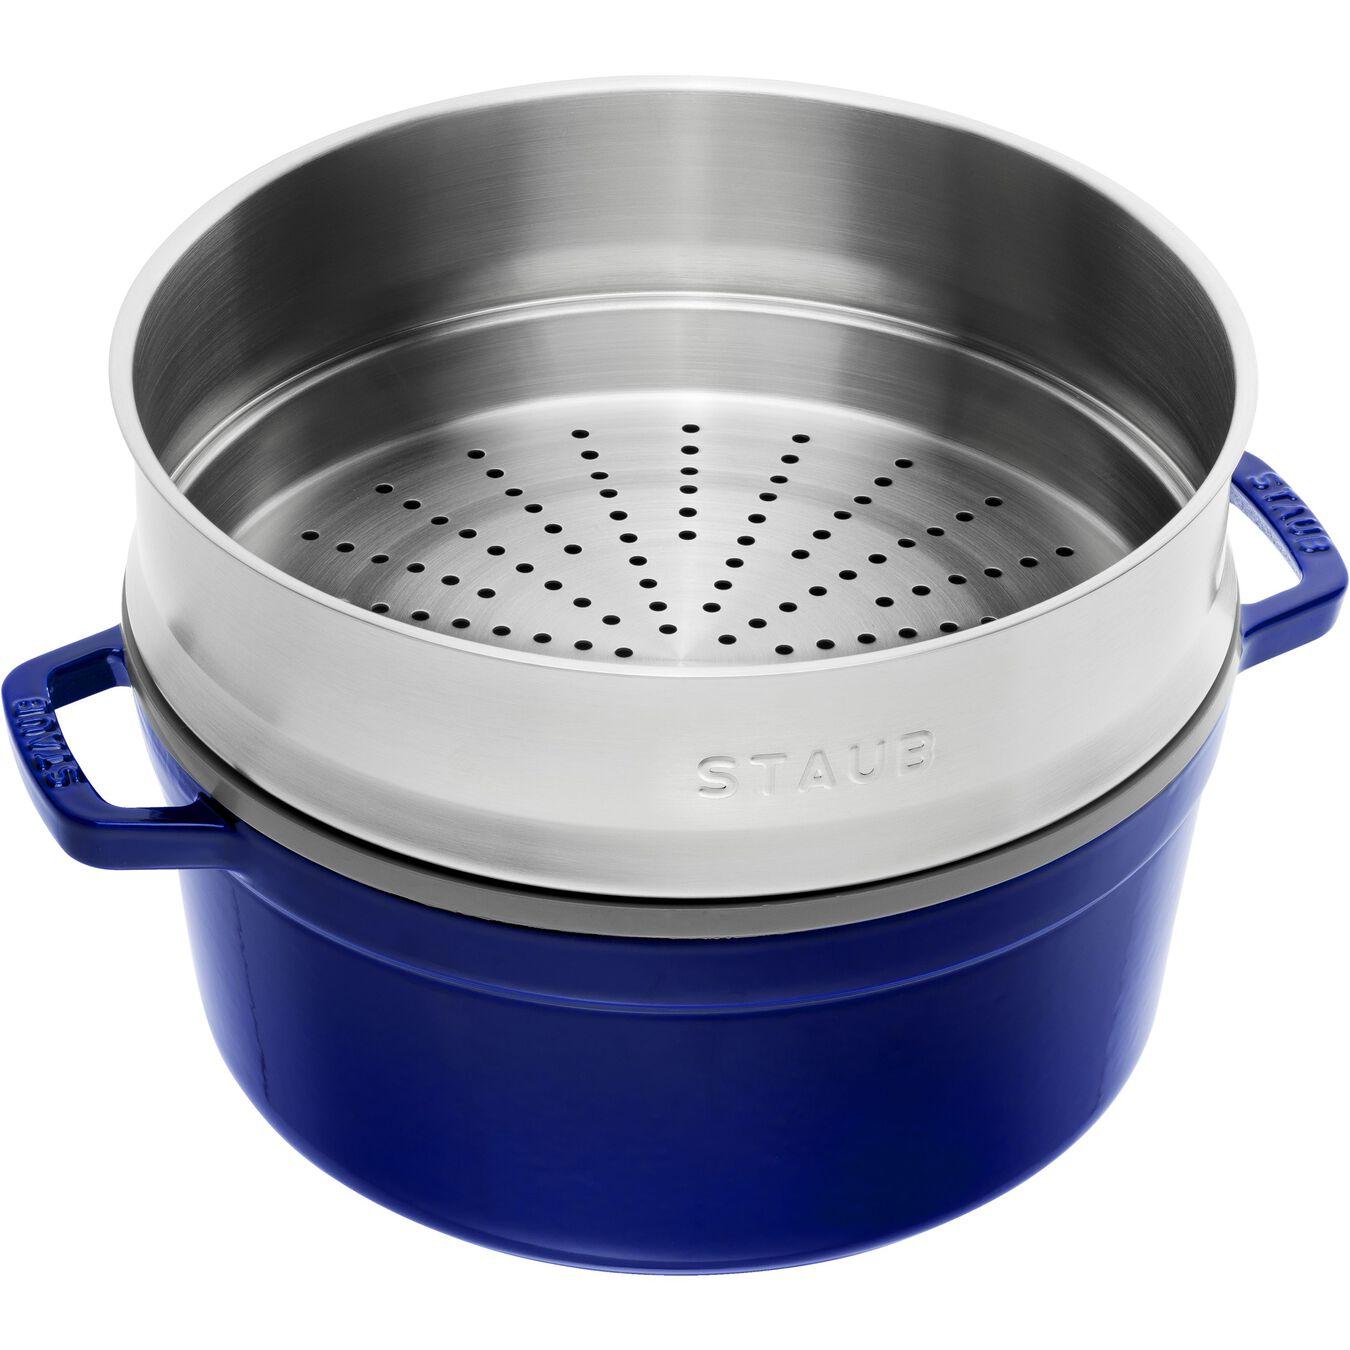 Cocotte con cestello a vapore rotonda - 26 cm, blu scuro,,large 3